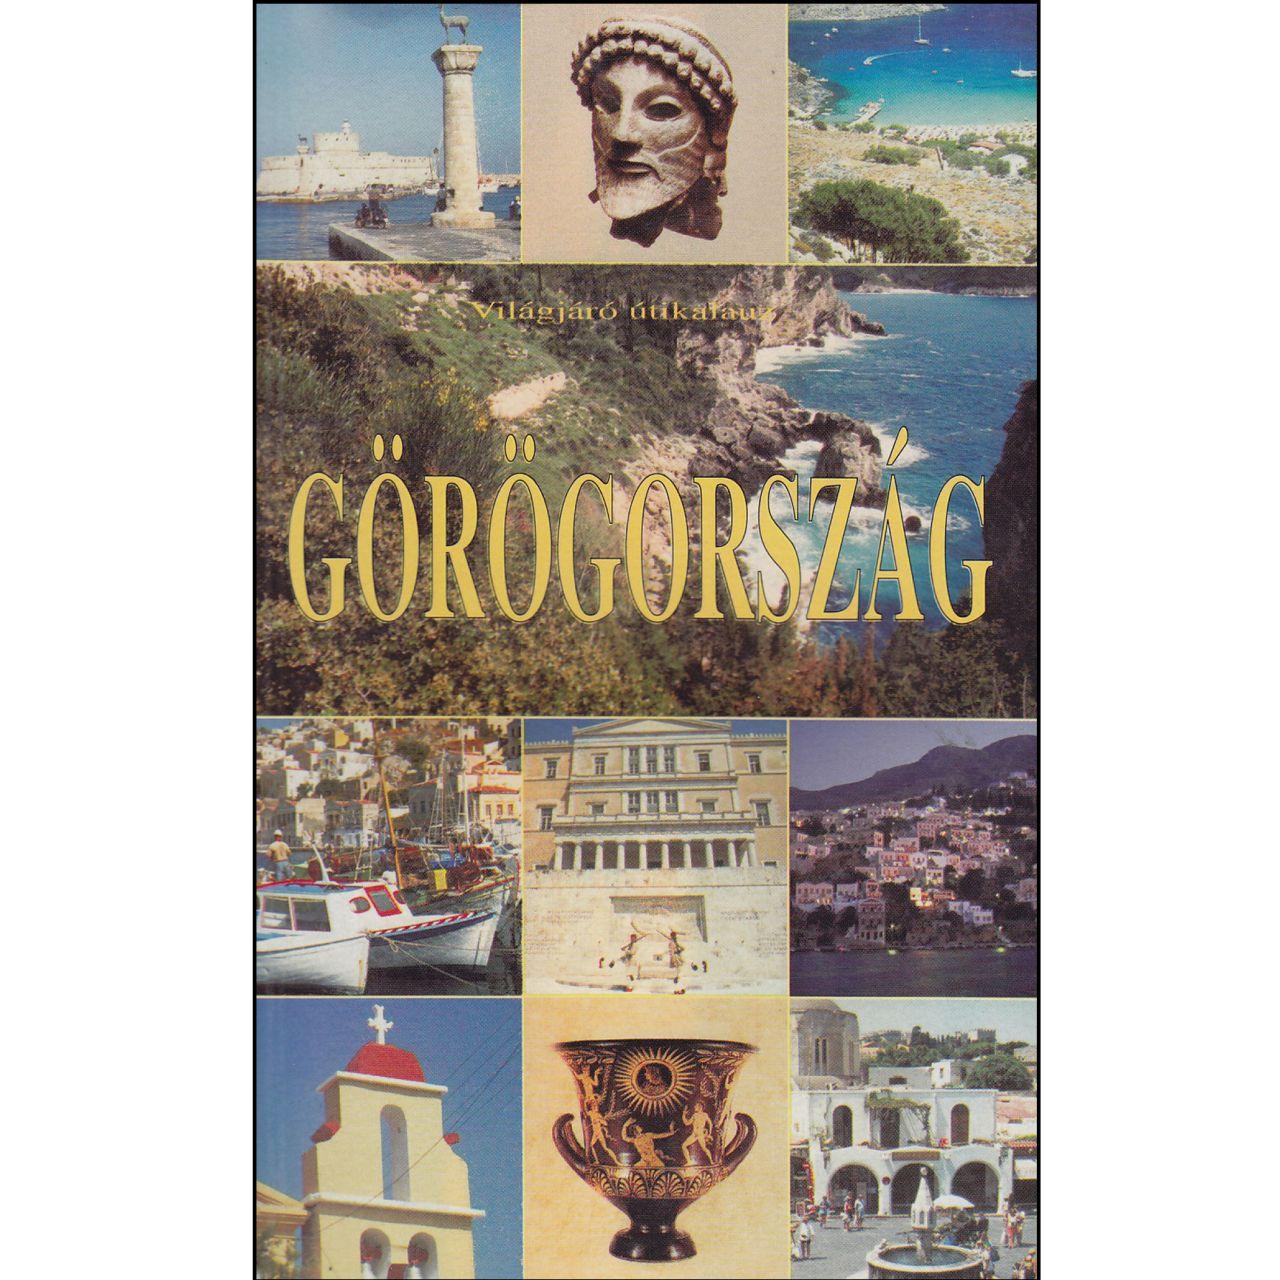 Görögország (könyv)